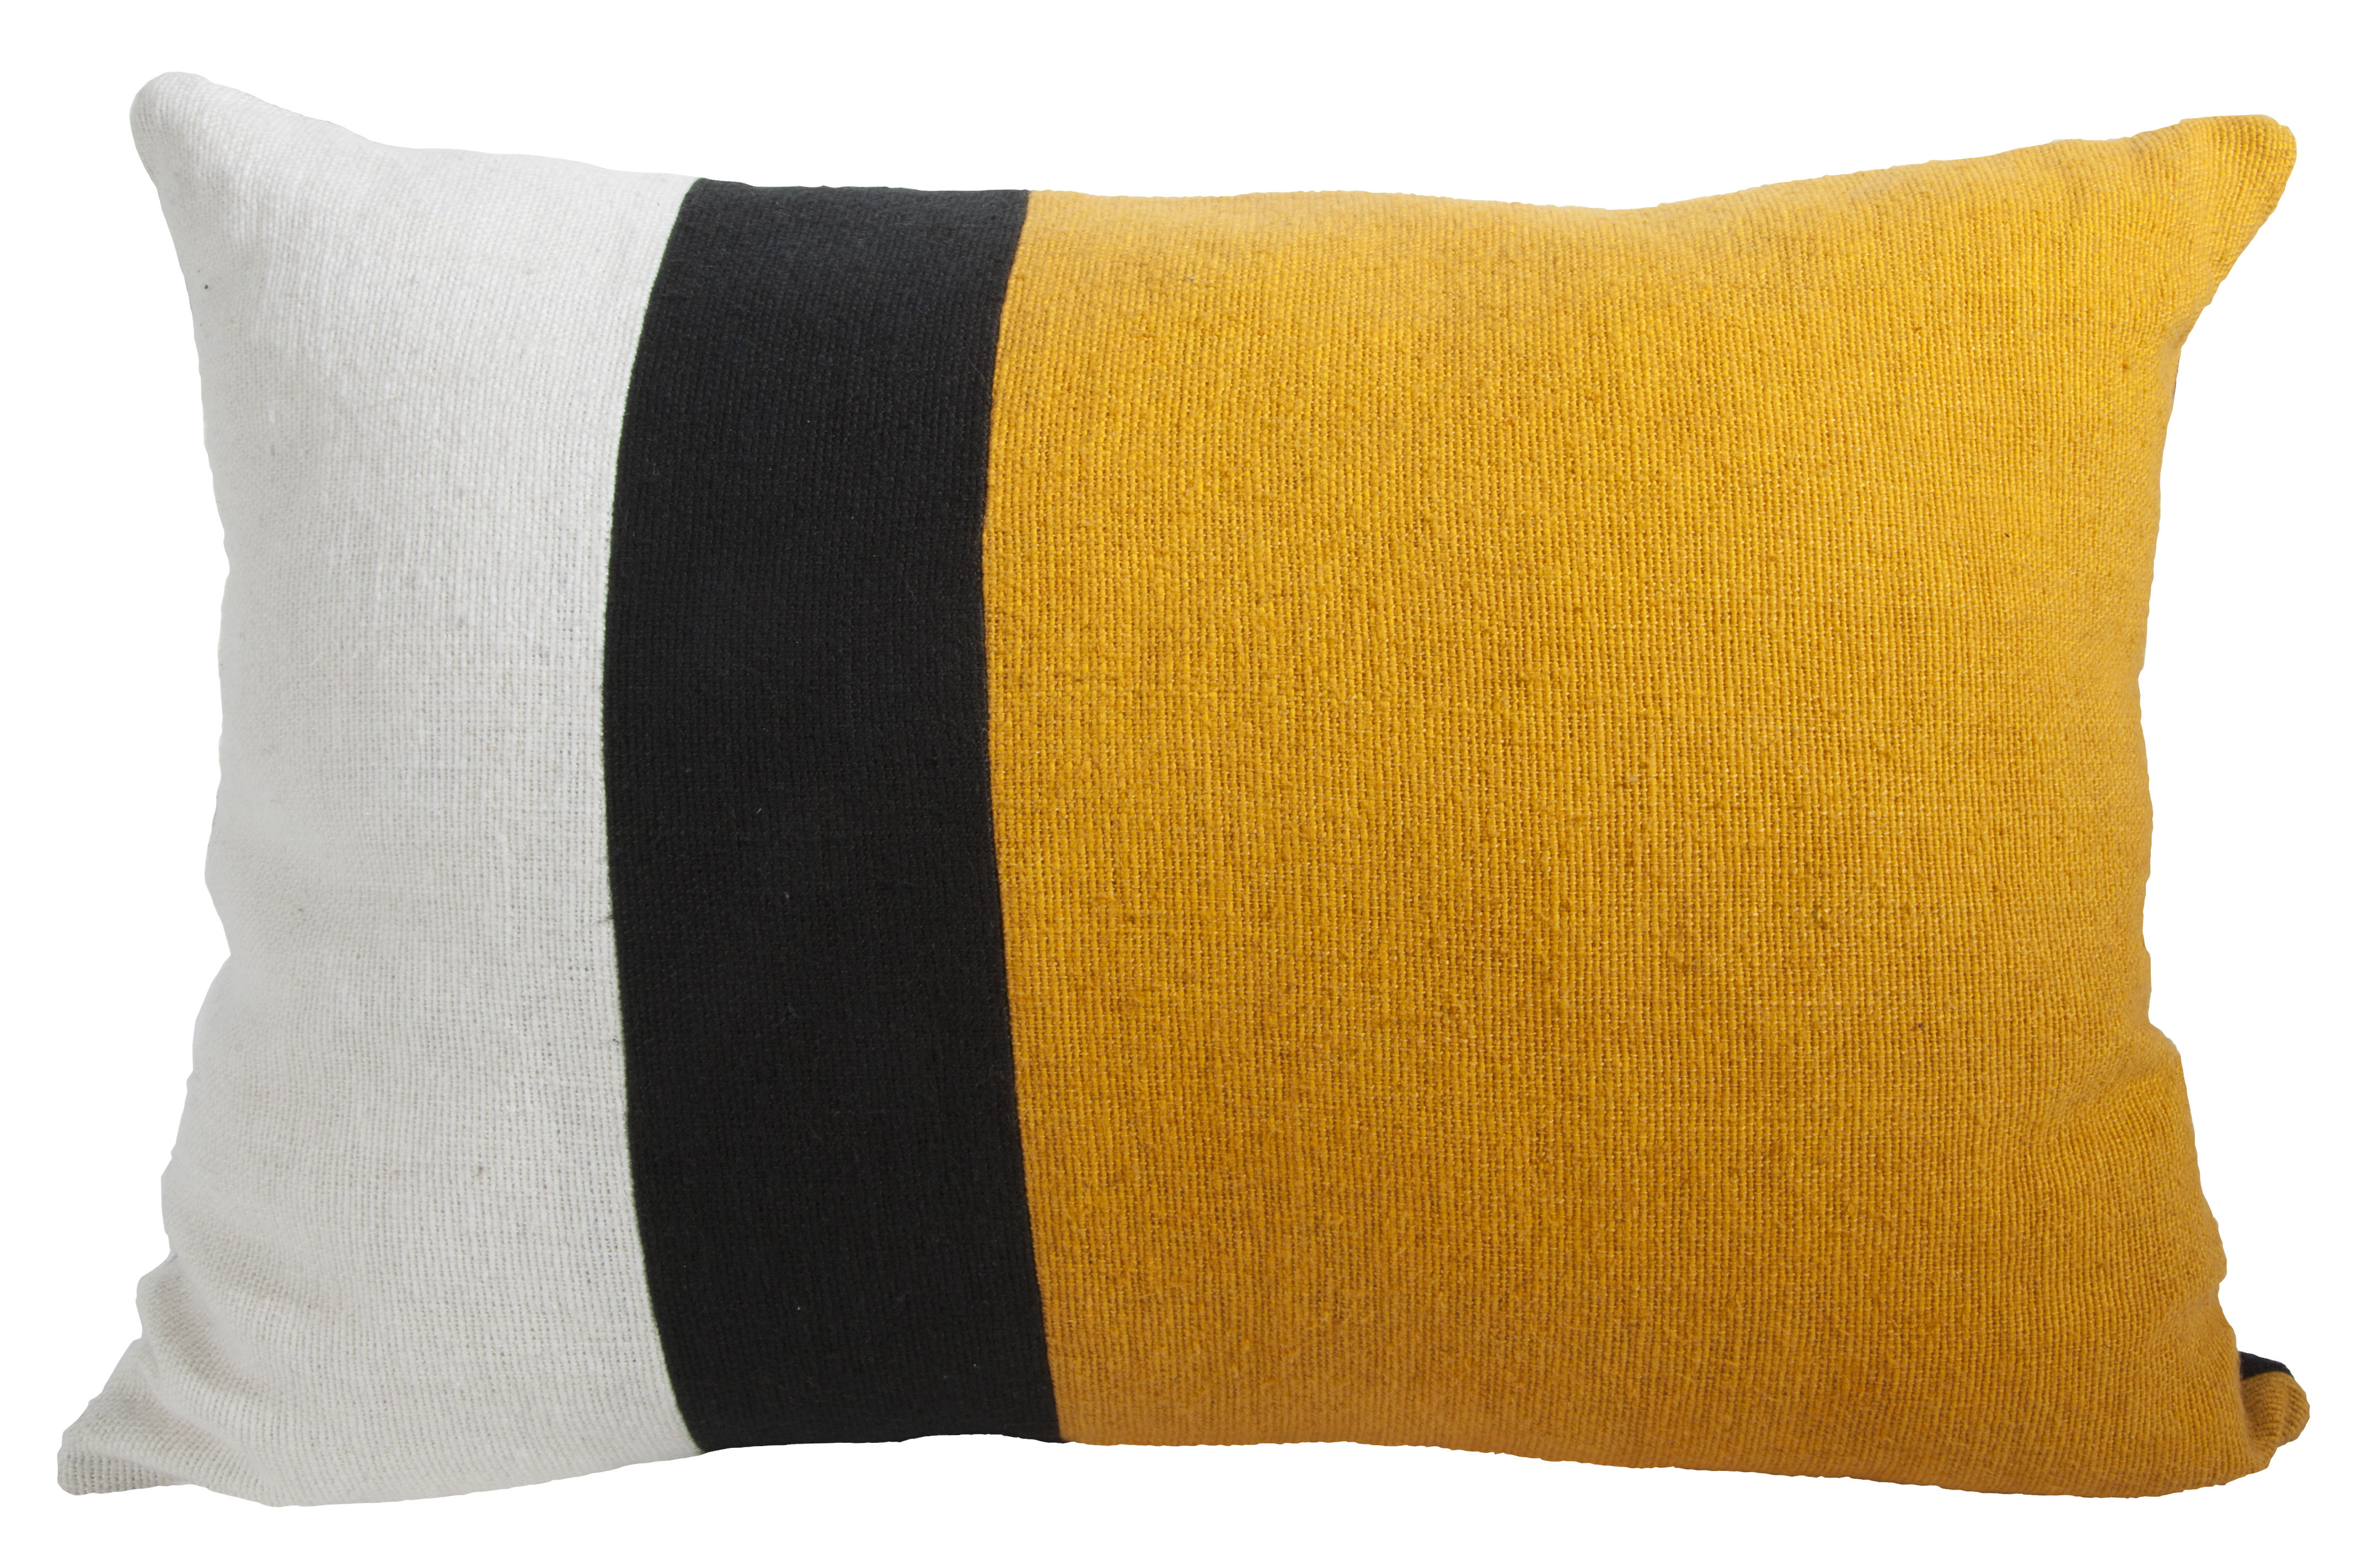 housse de coussin sicilia 40 x 55 cm jaune noir blanc maison sarah lavoine. Black Bedroom Furniture Sets. Home Design Ideas